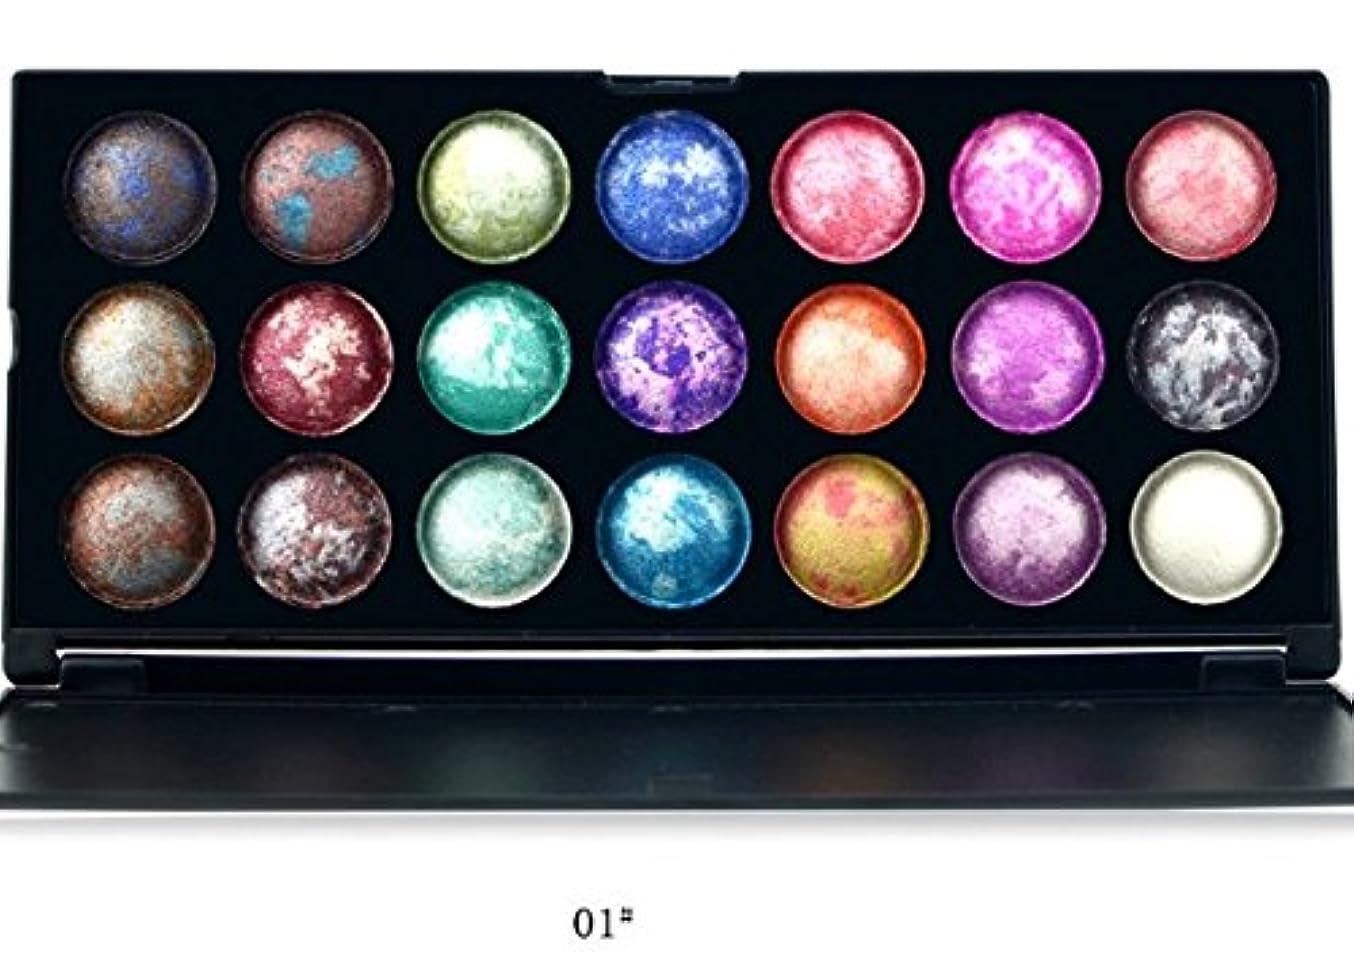 ビュッフェ不毛の中毒MakeupAcc 焼きアイシャドウ 21色 カラフル 乾式と湿式 (01) [並行輸入品]